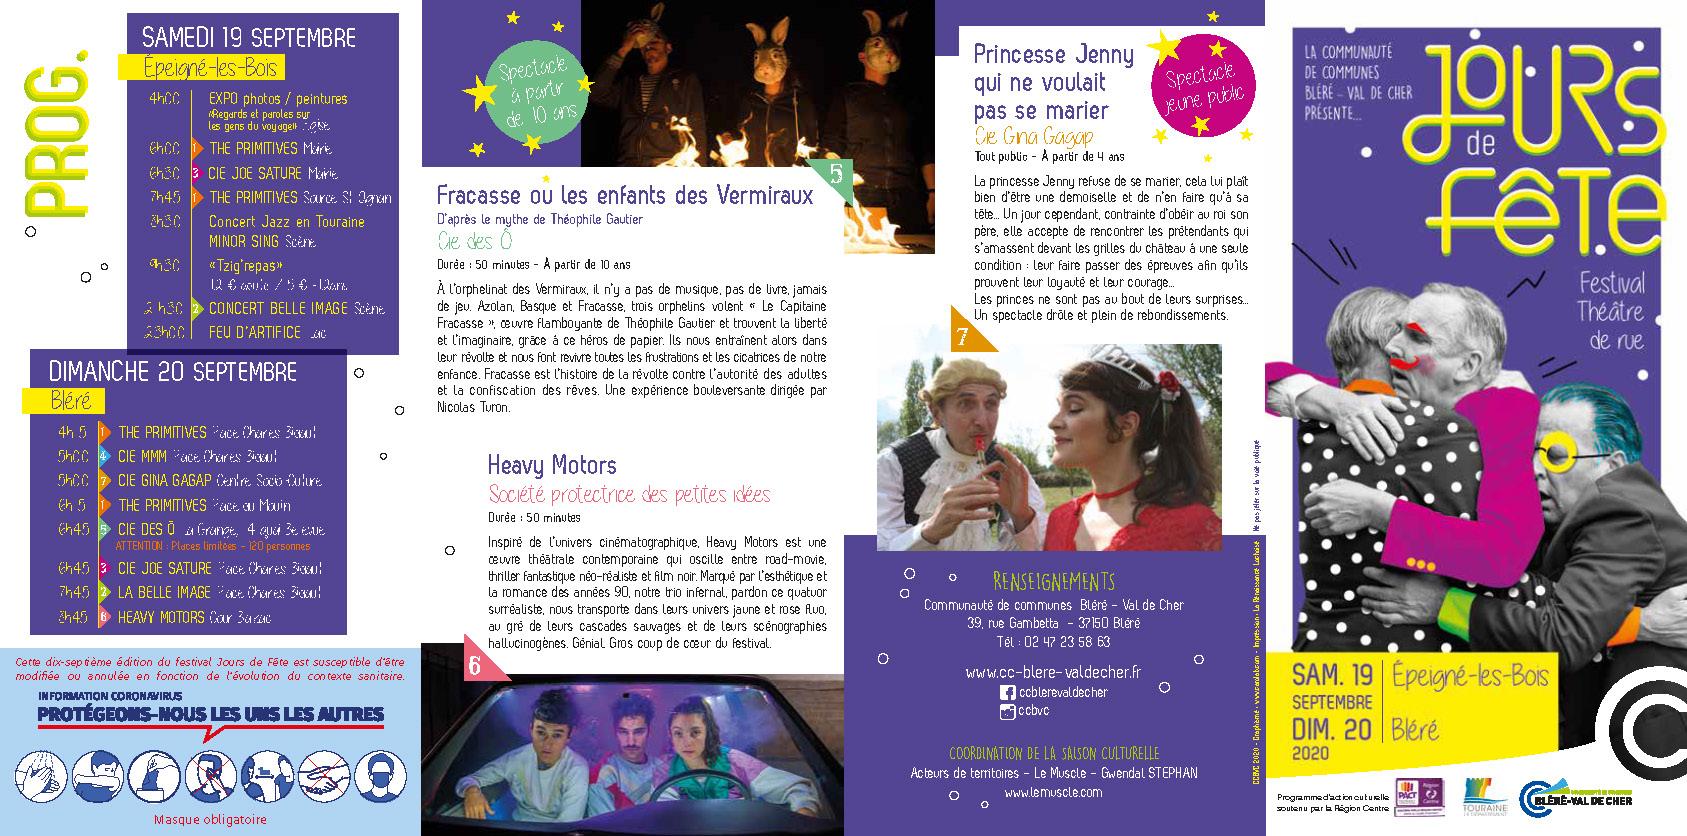 programme festival Jour de fête 2020